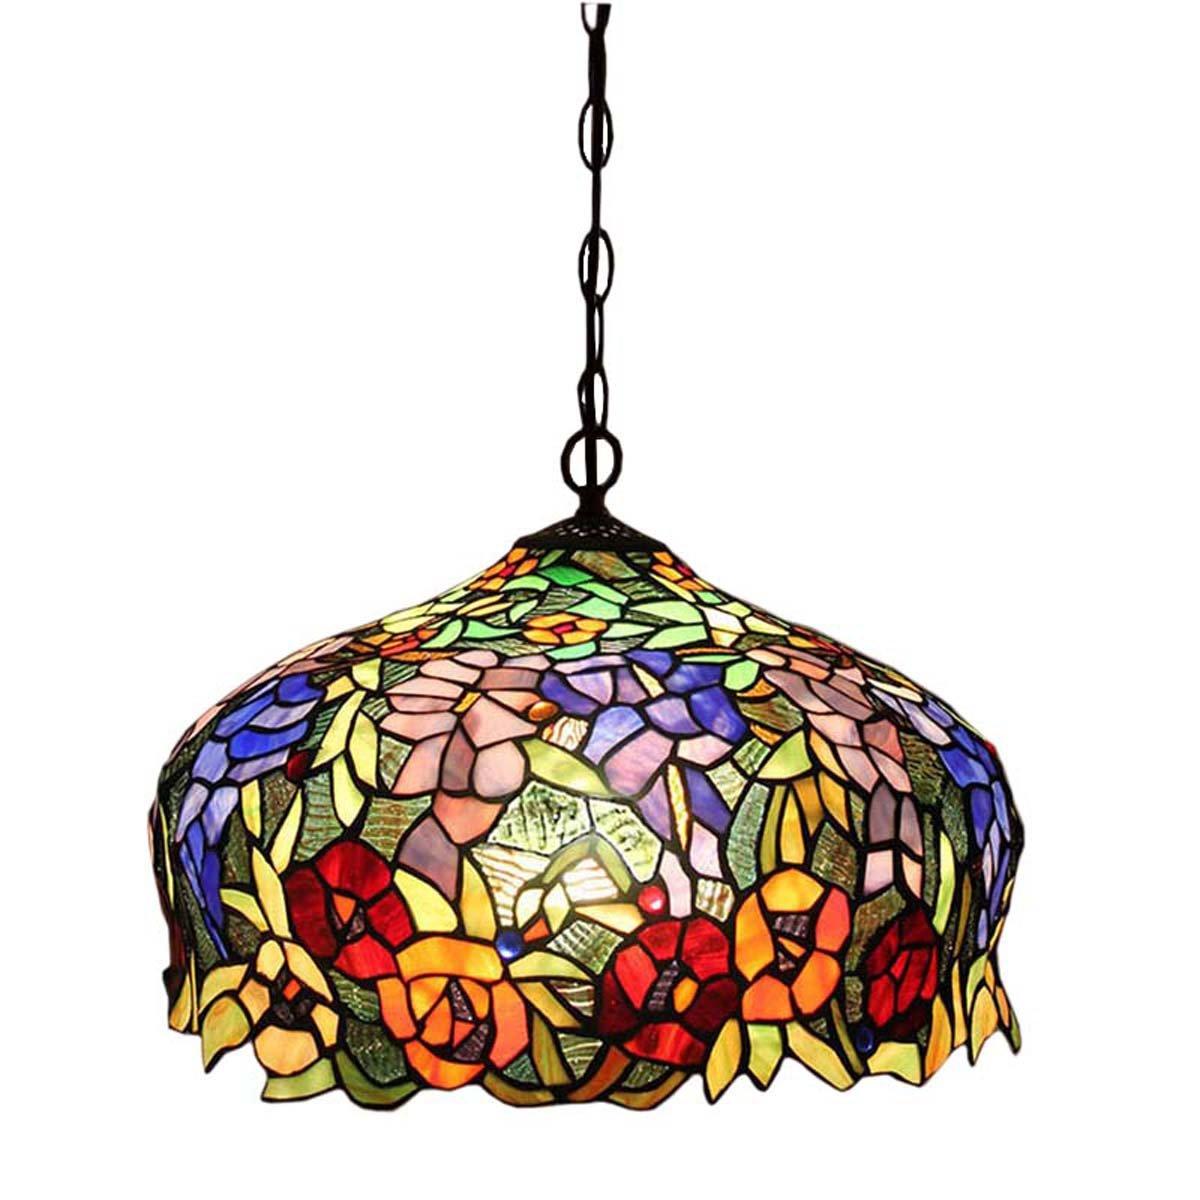 Fumat tiffany pendant lights rose flower stained glass hanglamp 16 e26 led chandelier hanging lighting fixture110v ceiling pendant lamp